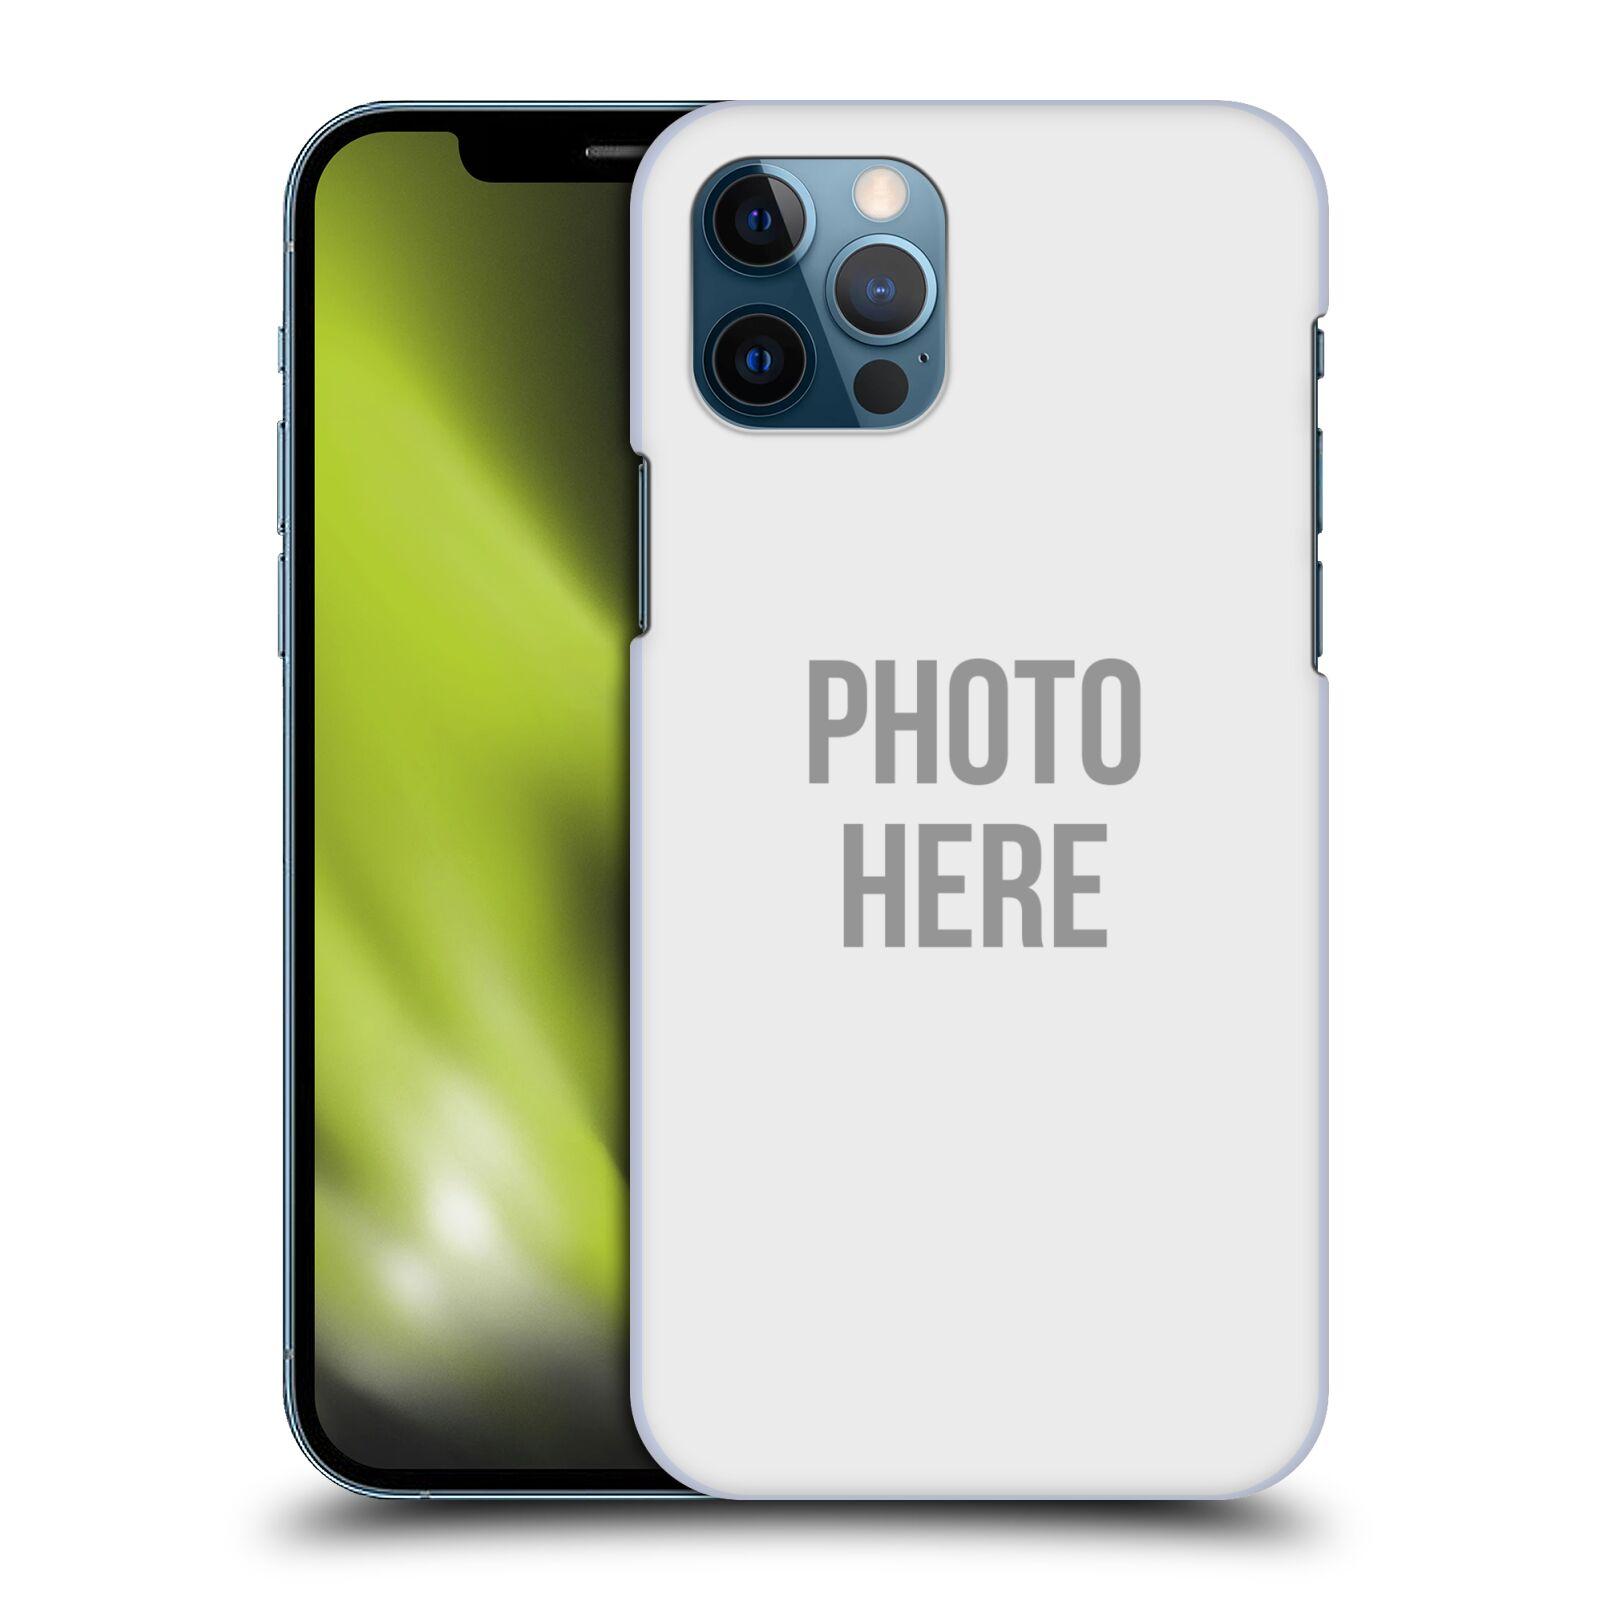 Plastové pouzdro na mobil Apple iPhone 12 / 12 Pro s vlastním motivem